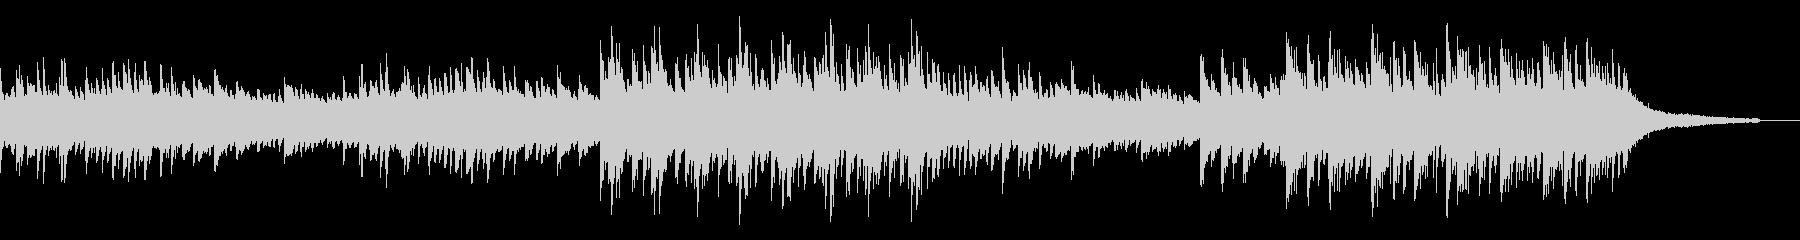 幻想的・神秘的なピアノ曲の未再生の波形